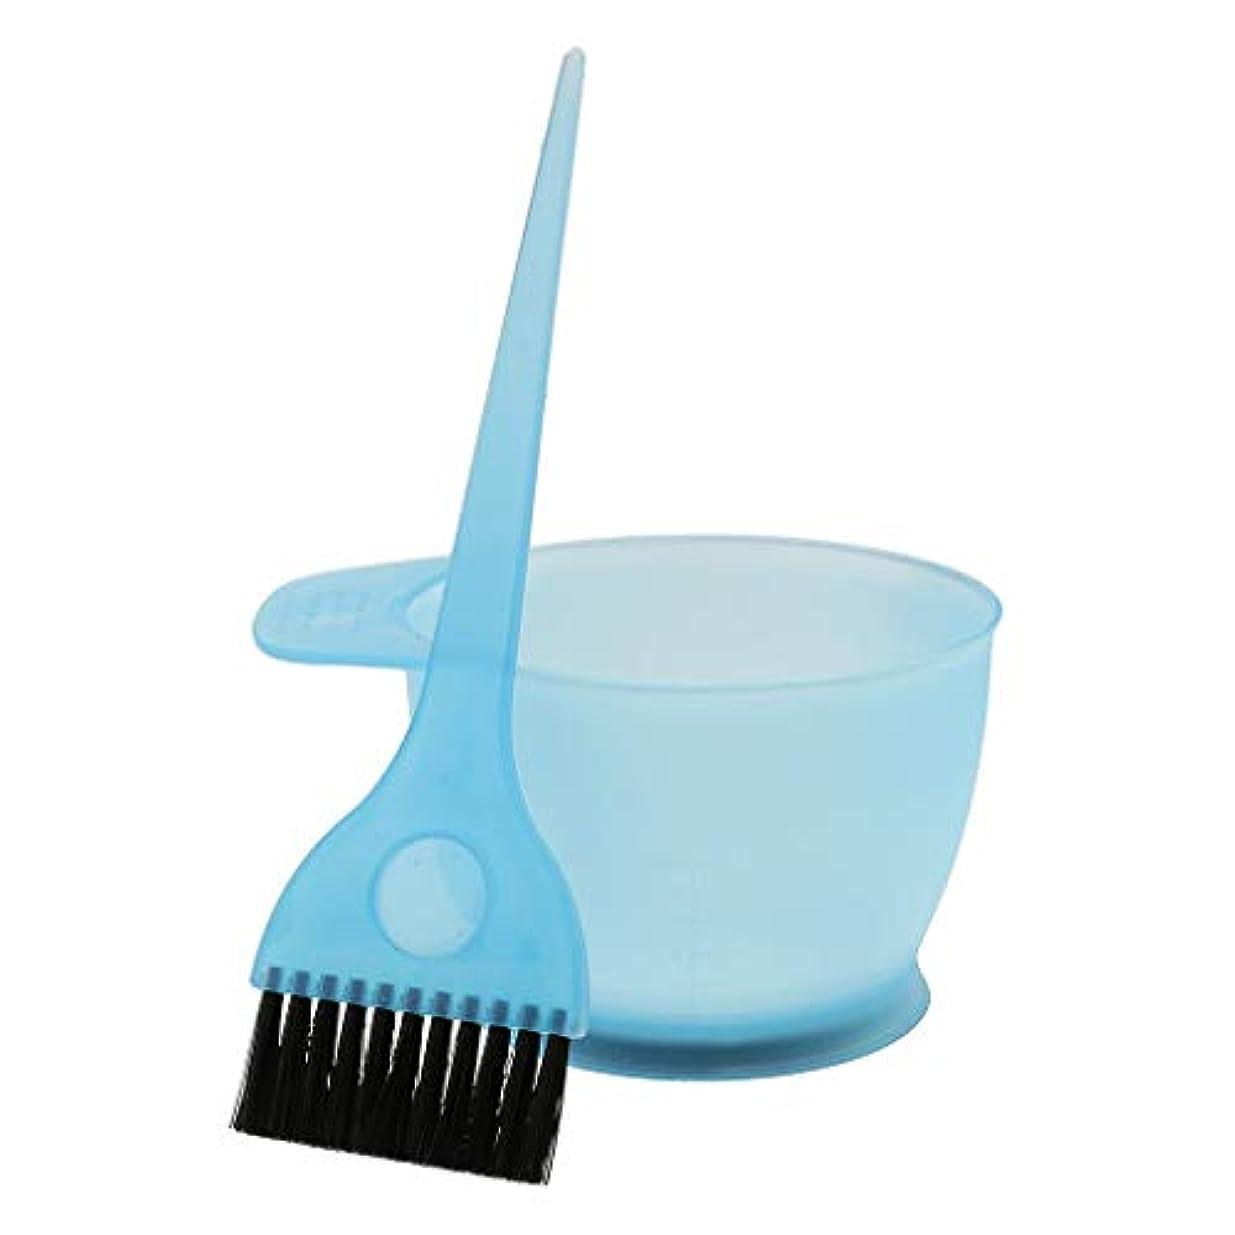 ペダルペフアレイ髪の色合い染料着色ツールのためのサロン髪色染料ボウル櫛ブラシセットスーツ (ブルー)